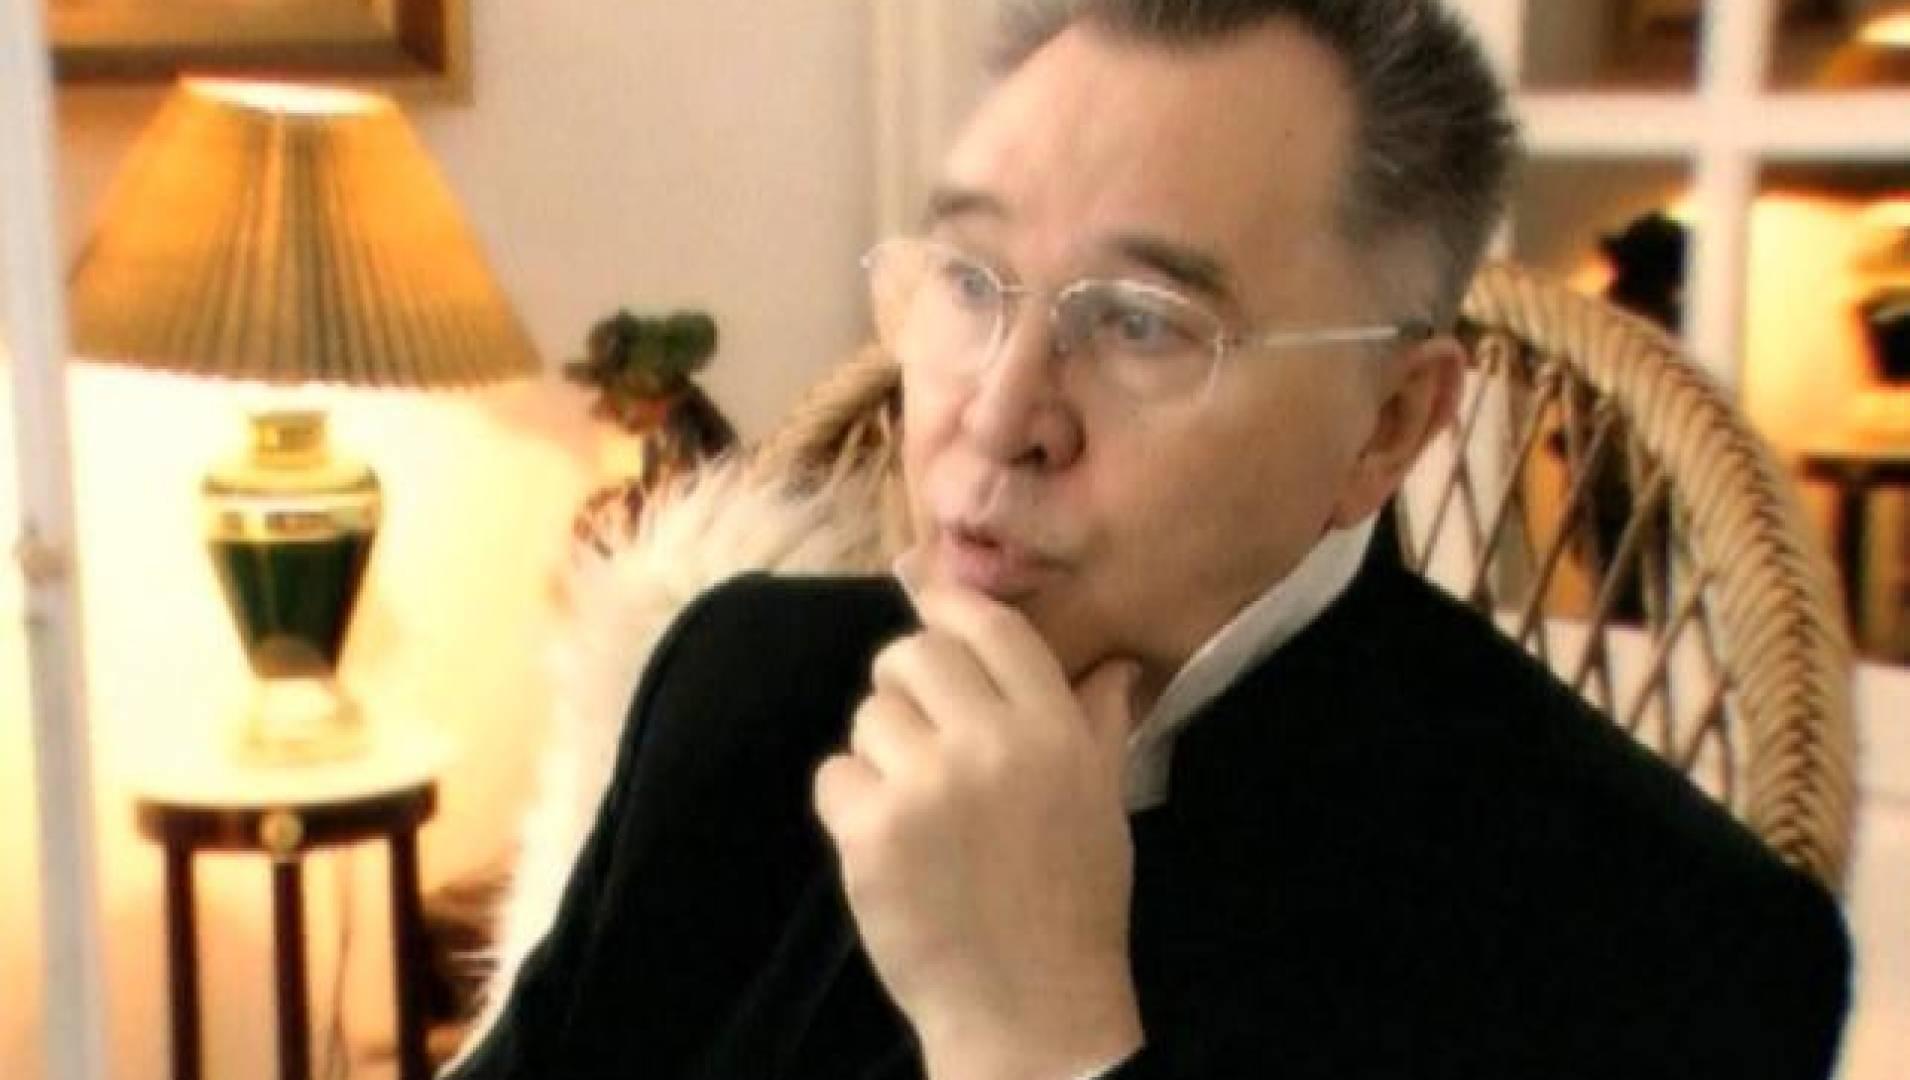 Вячеслав Зайцев. Личная жизнь - Документальный фильм